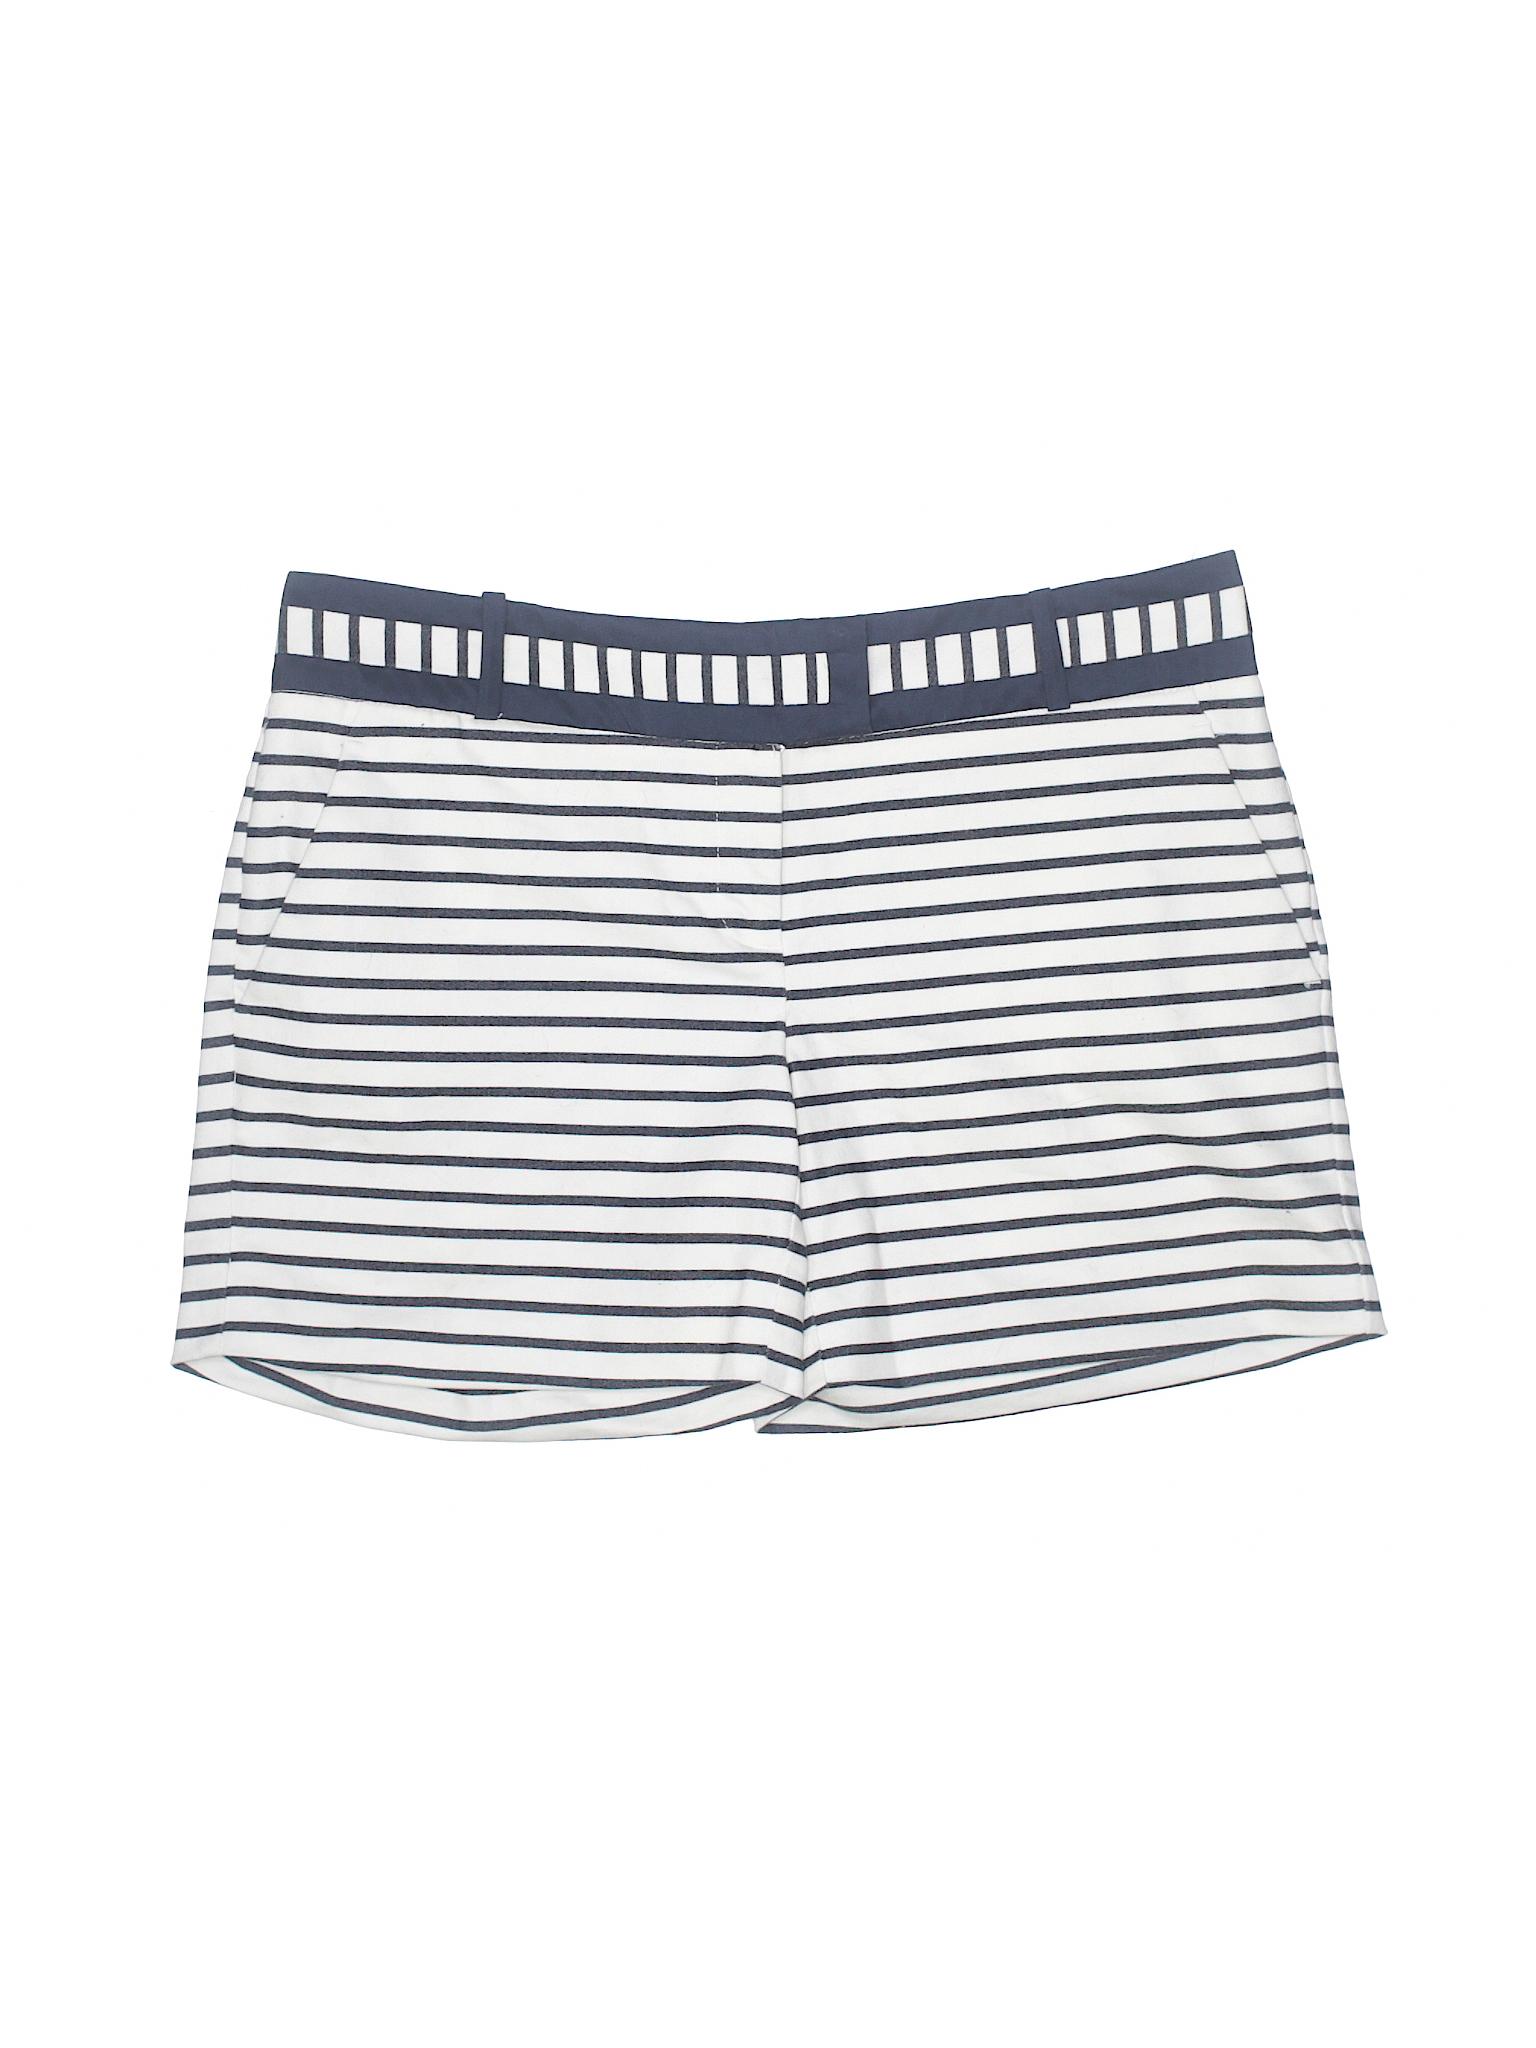 Limited The Shorts The Boutique Khaki Boutique Boutique Limited Shorts Khaki 7qwxIC